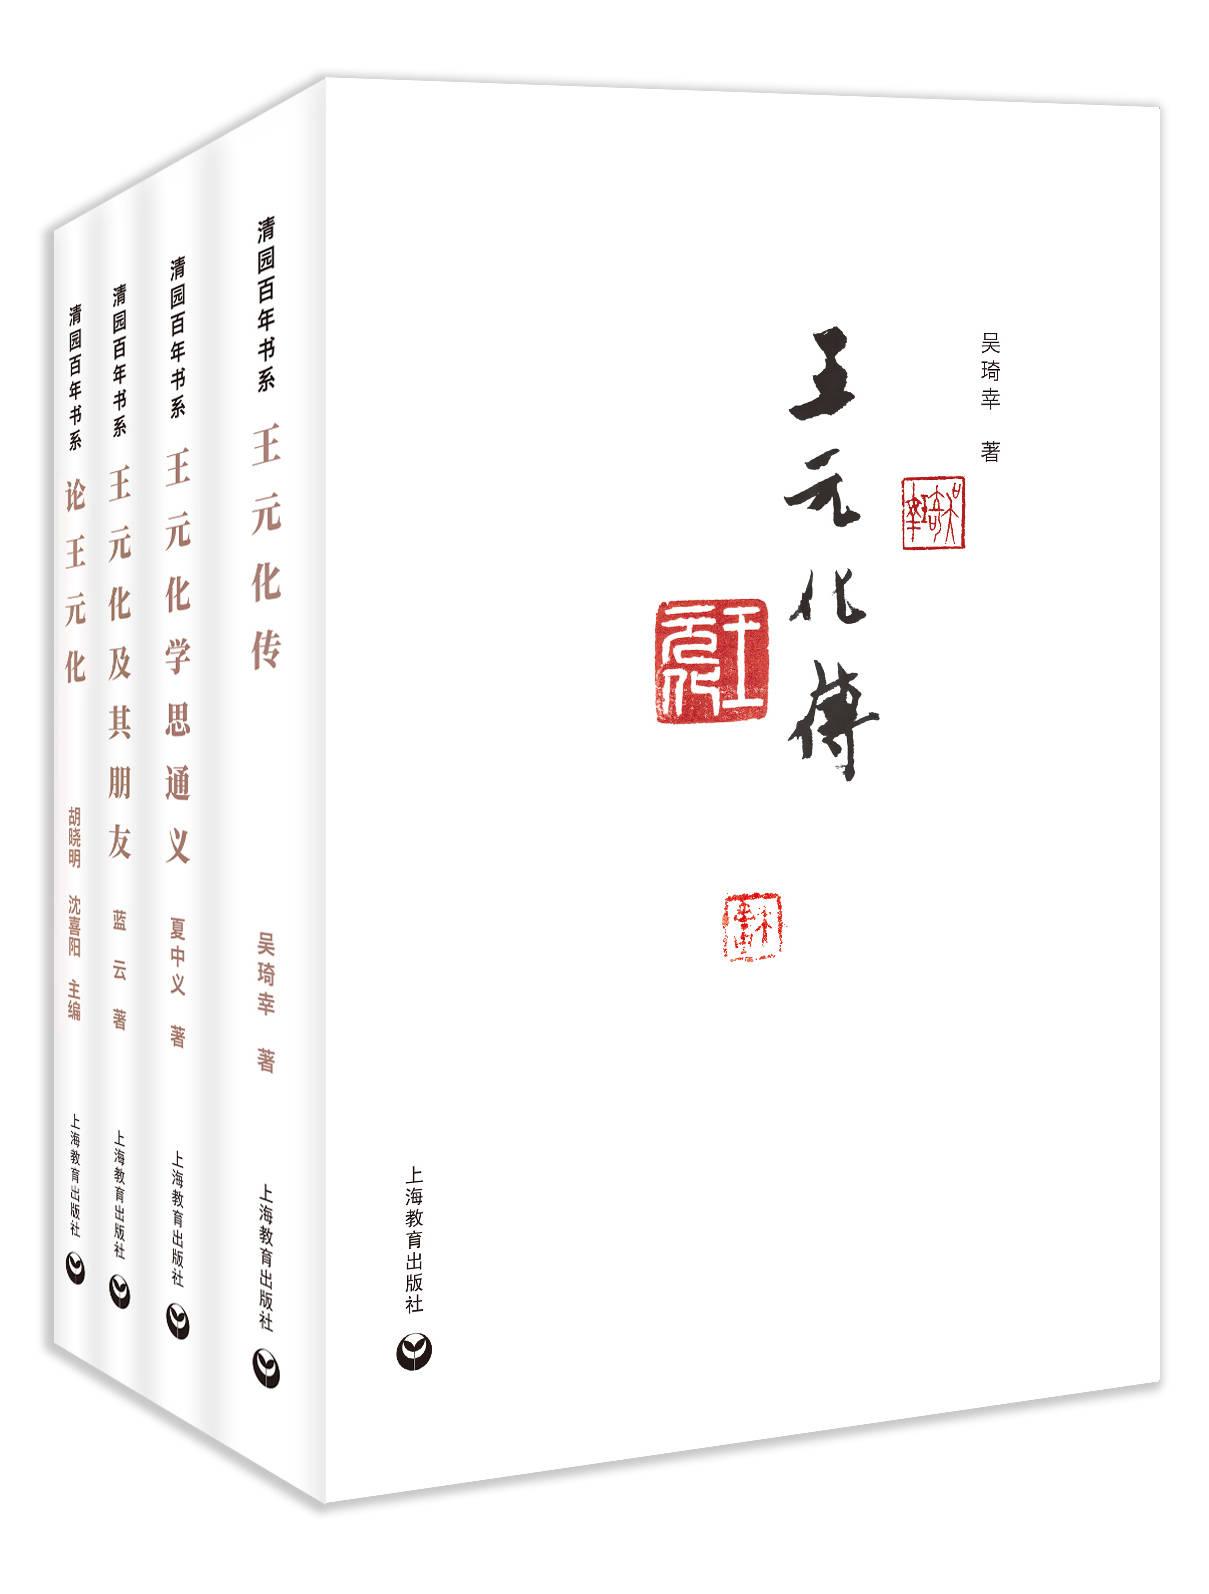 纪念王元化|许纪霖:王元化的思想底色以及理性观的转变